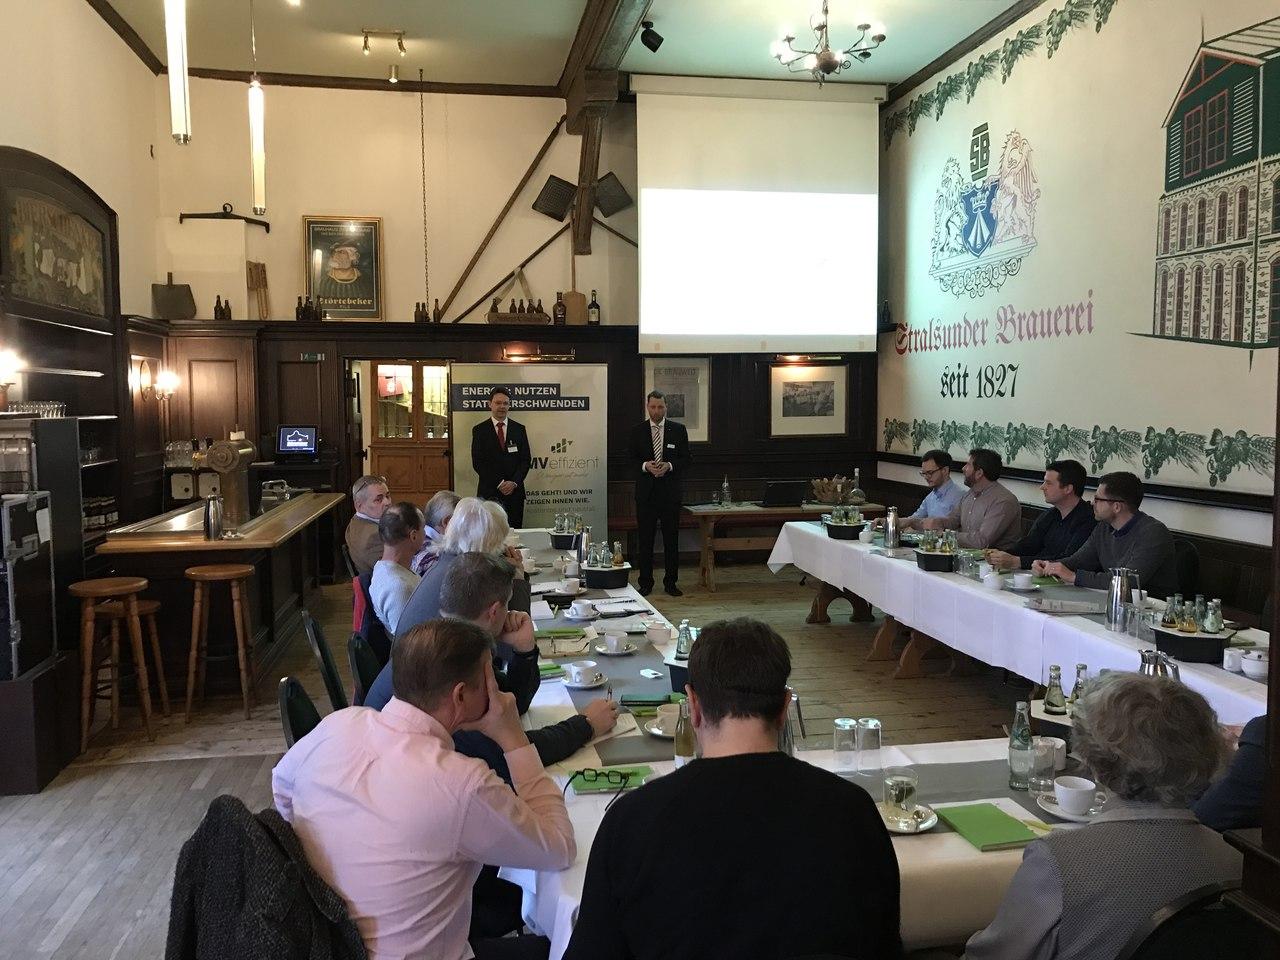 BU: Mathias Bartels, Leiter Energie und Technische Planung, erläutert Erfahrungen des Störtebeker Brauquartiers mit der installierten PV-Anlage (Foto: LEKA MV)